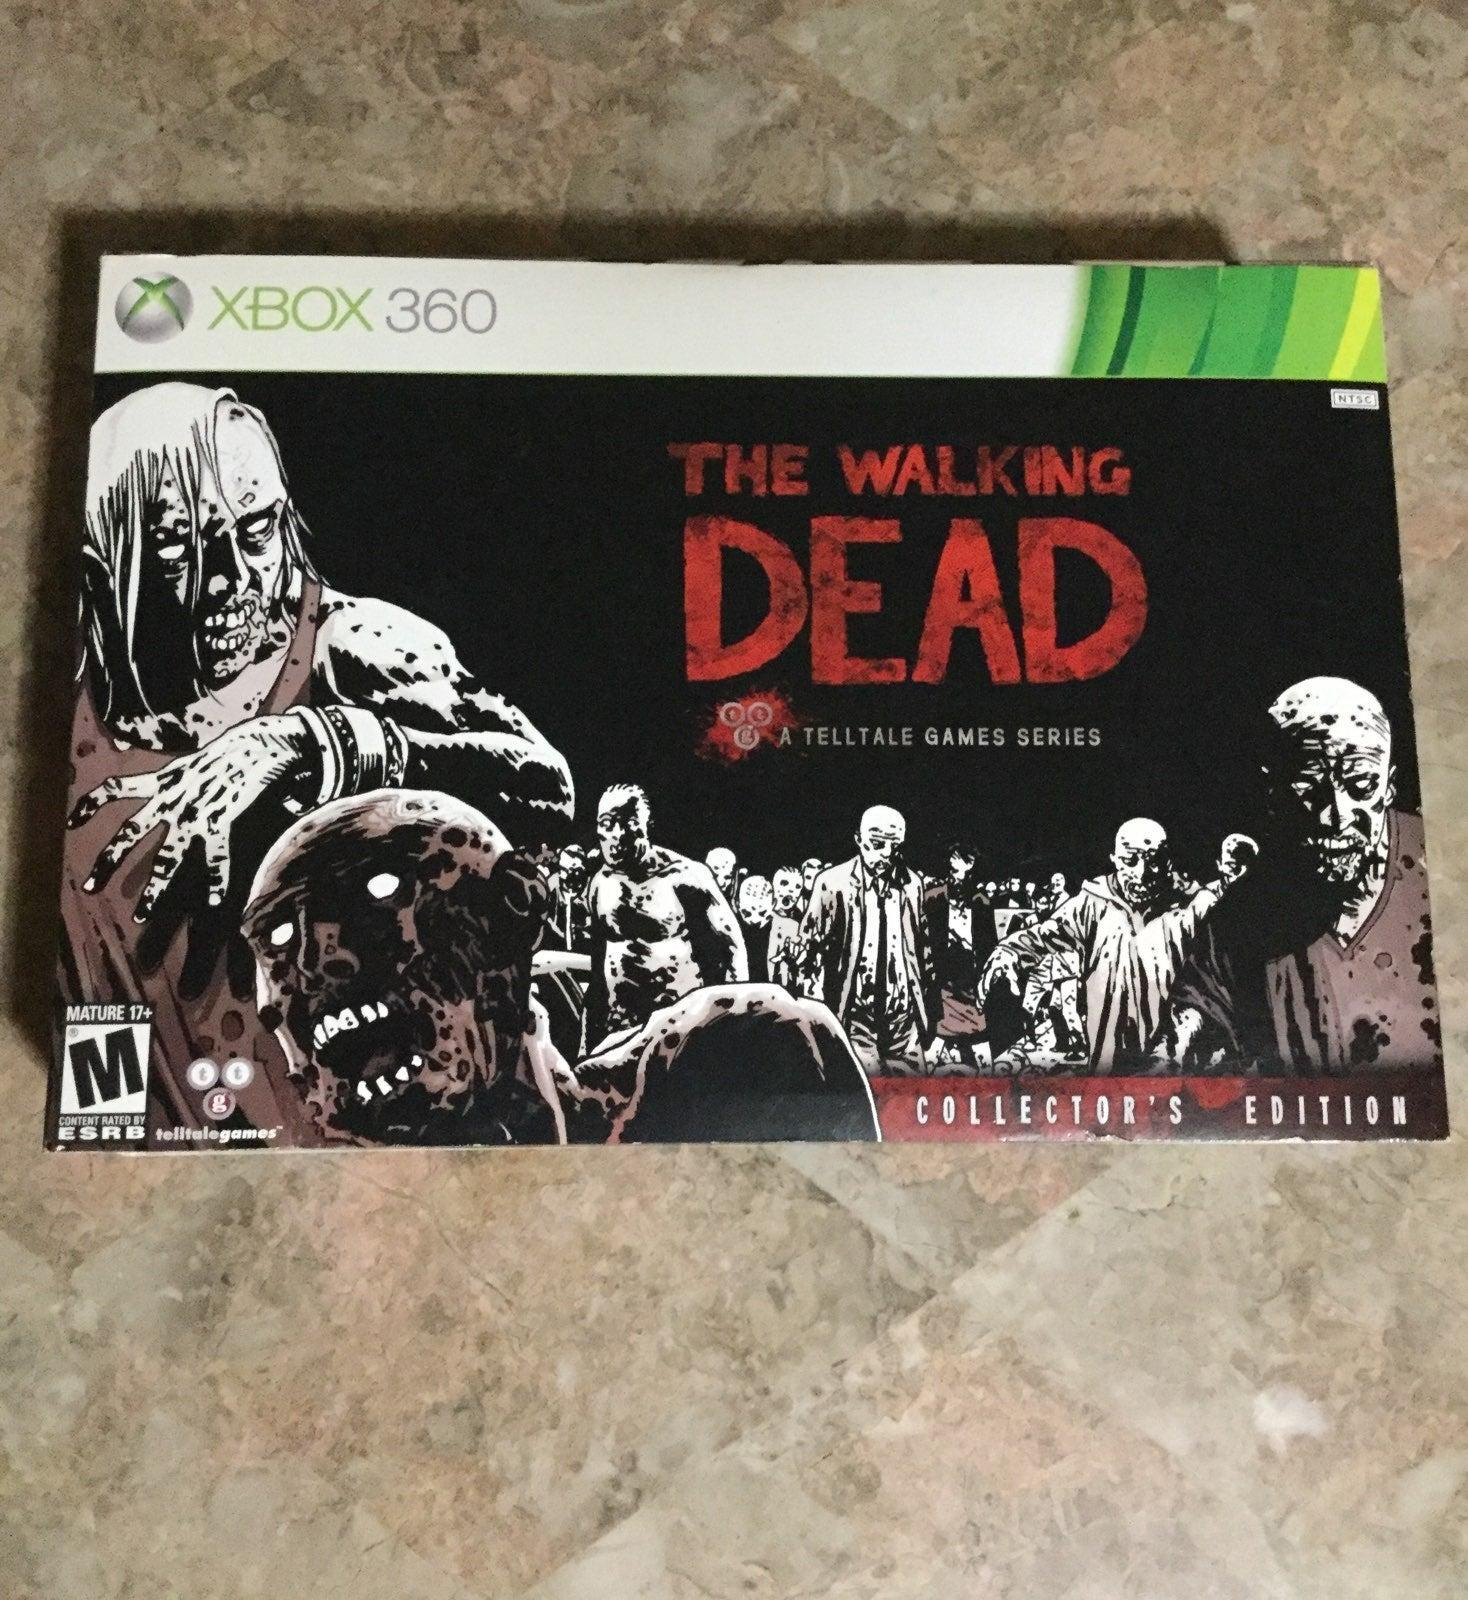 Xbox 360 A Telltale game series